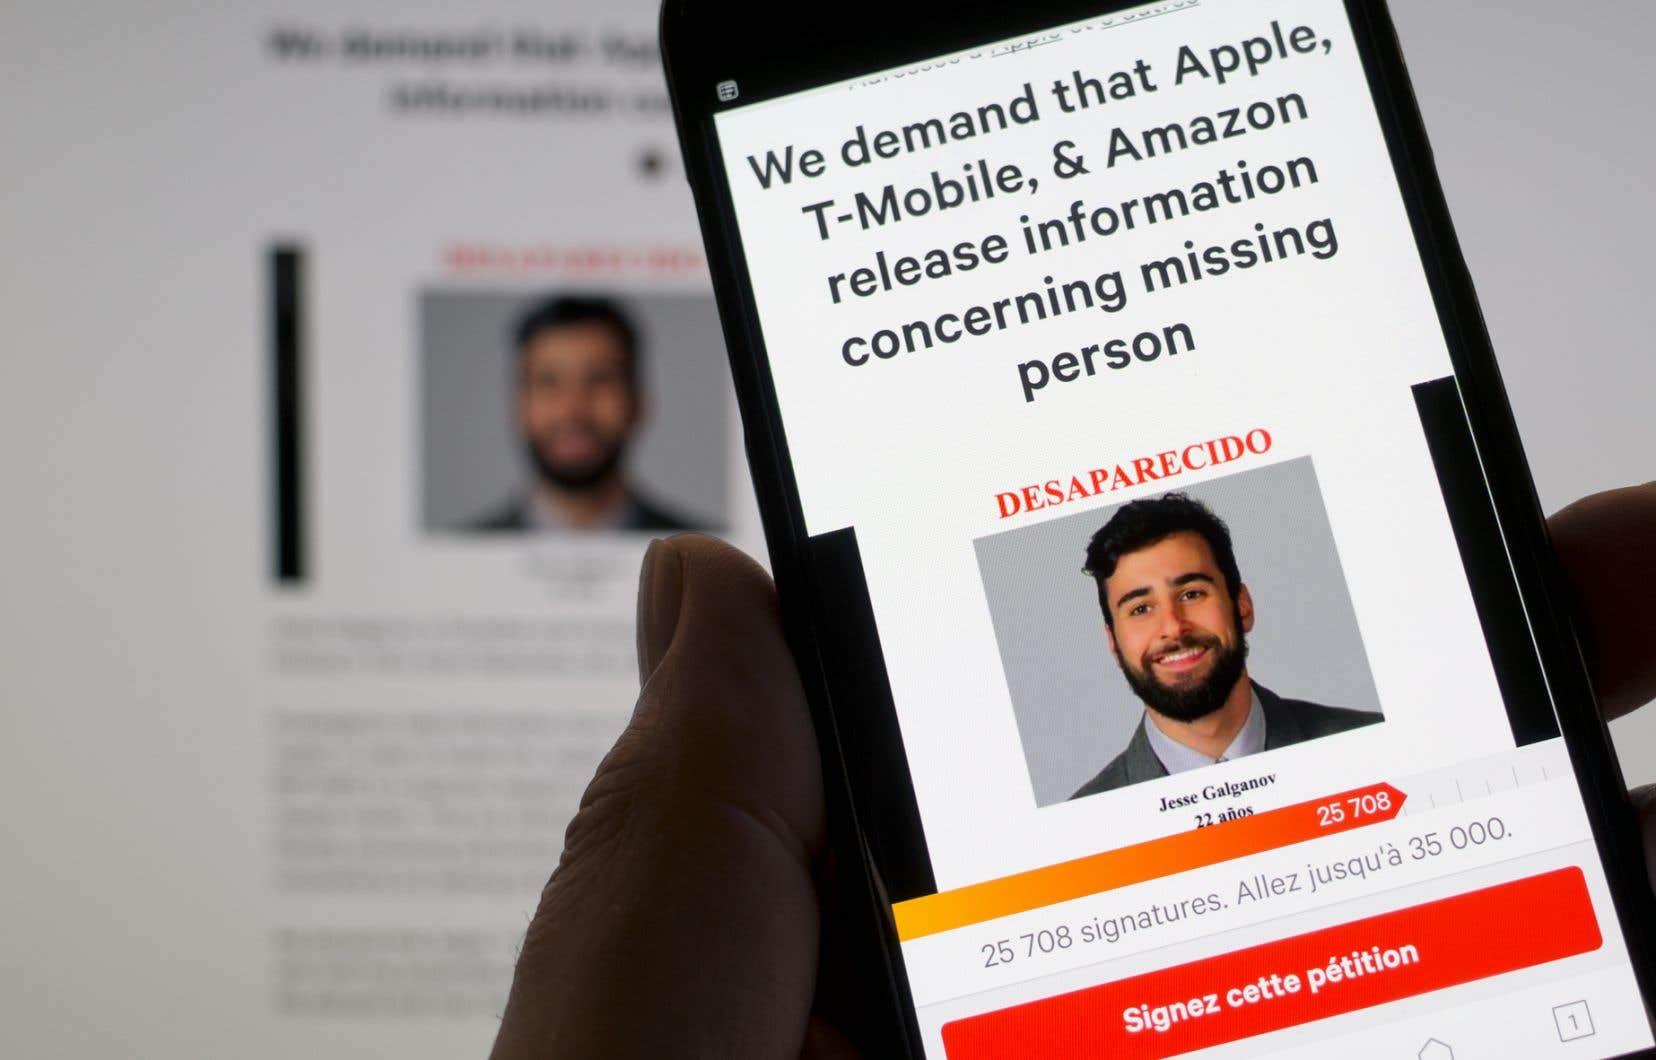 La pétition, publiée sur le site change.org, indique que les enquêteurs ont besoin d'information se trouvant dans son iPhone et dans sa liseuse Kindle pour pouvoir le retrouver.